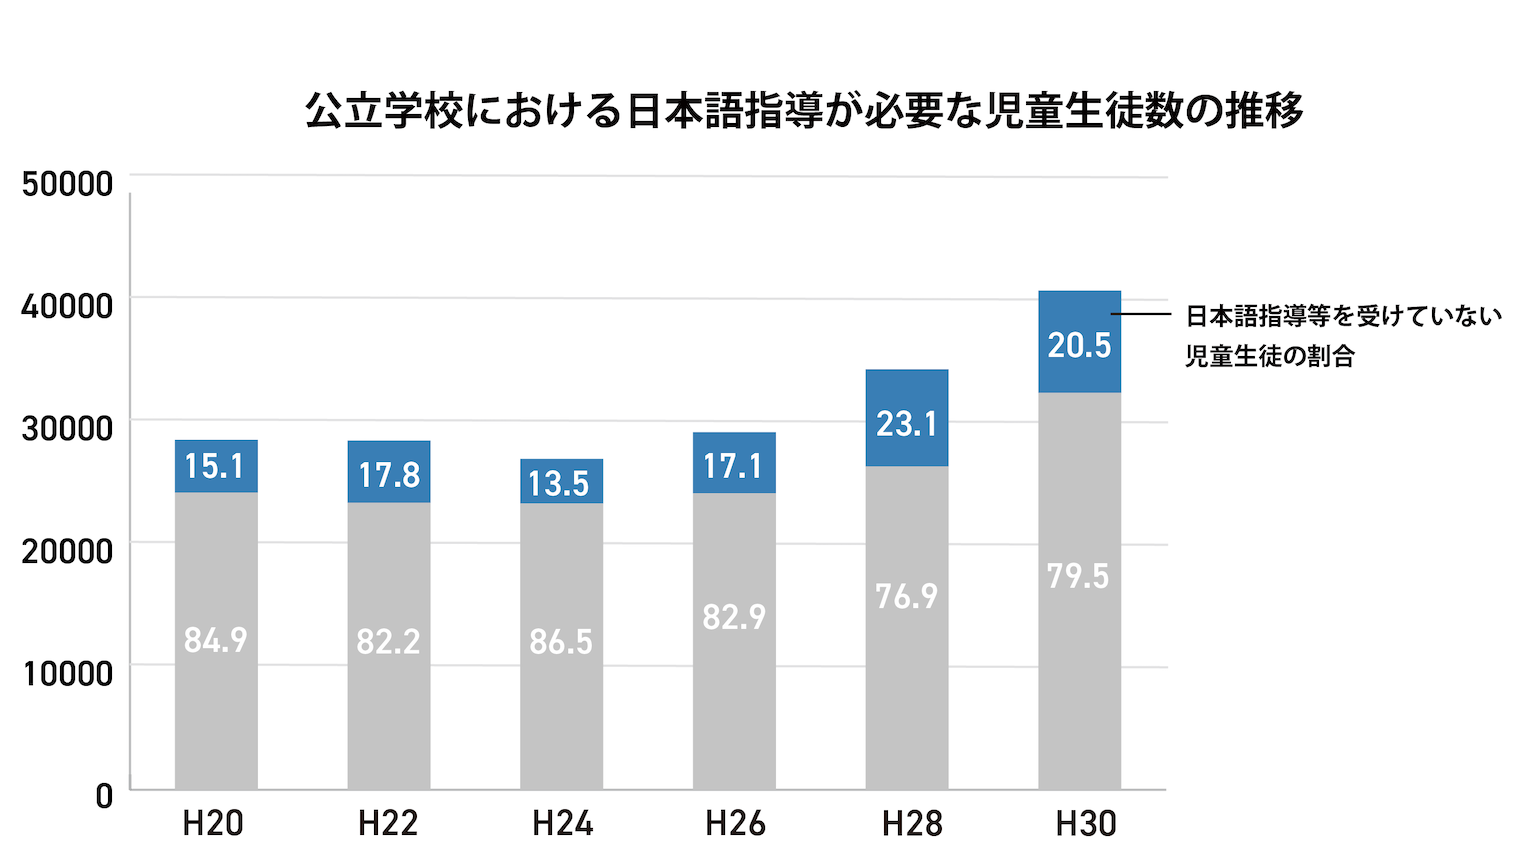 公立学校における日本語指導が必要な児童生徒数の推移